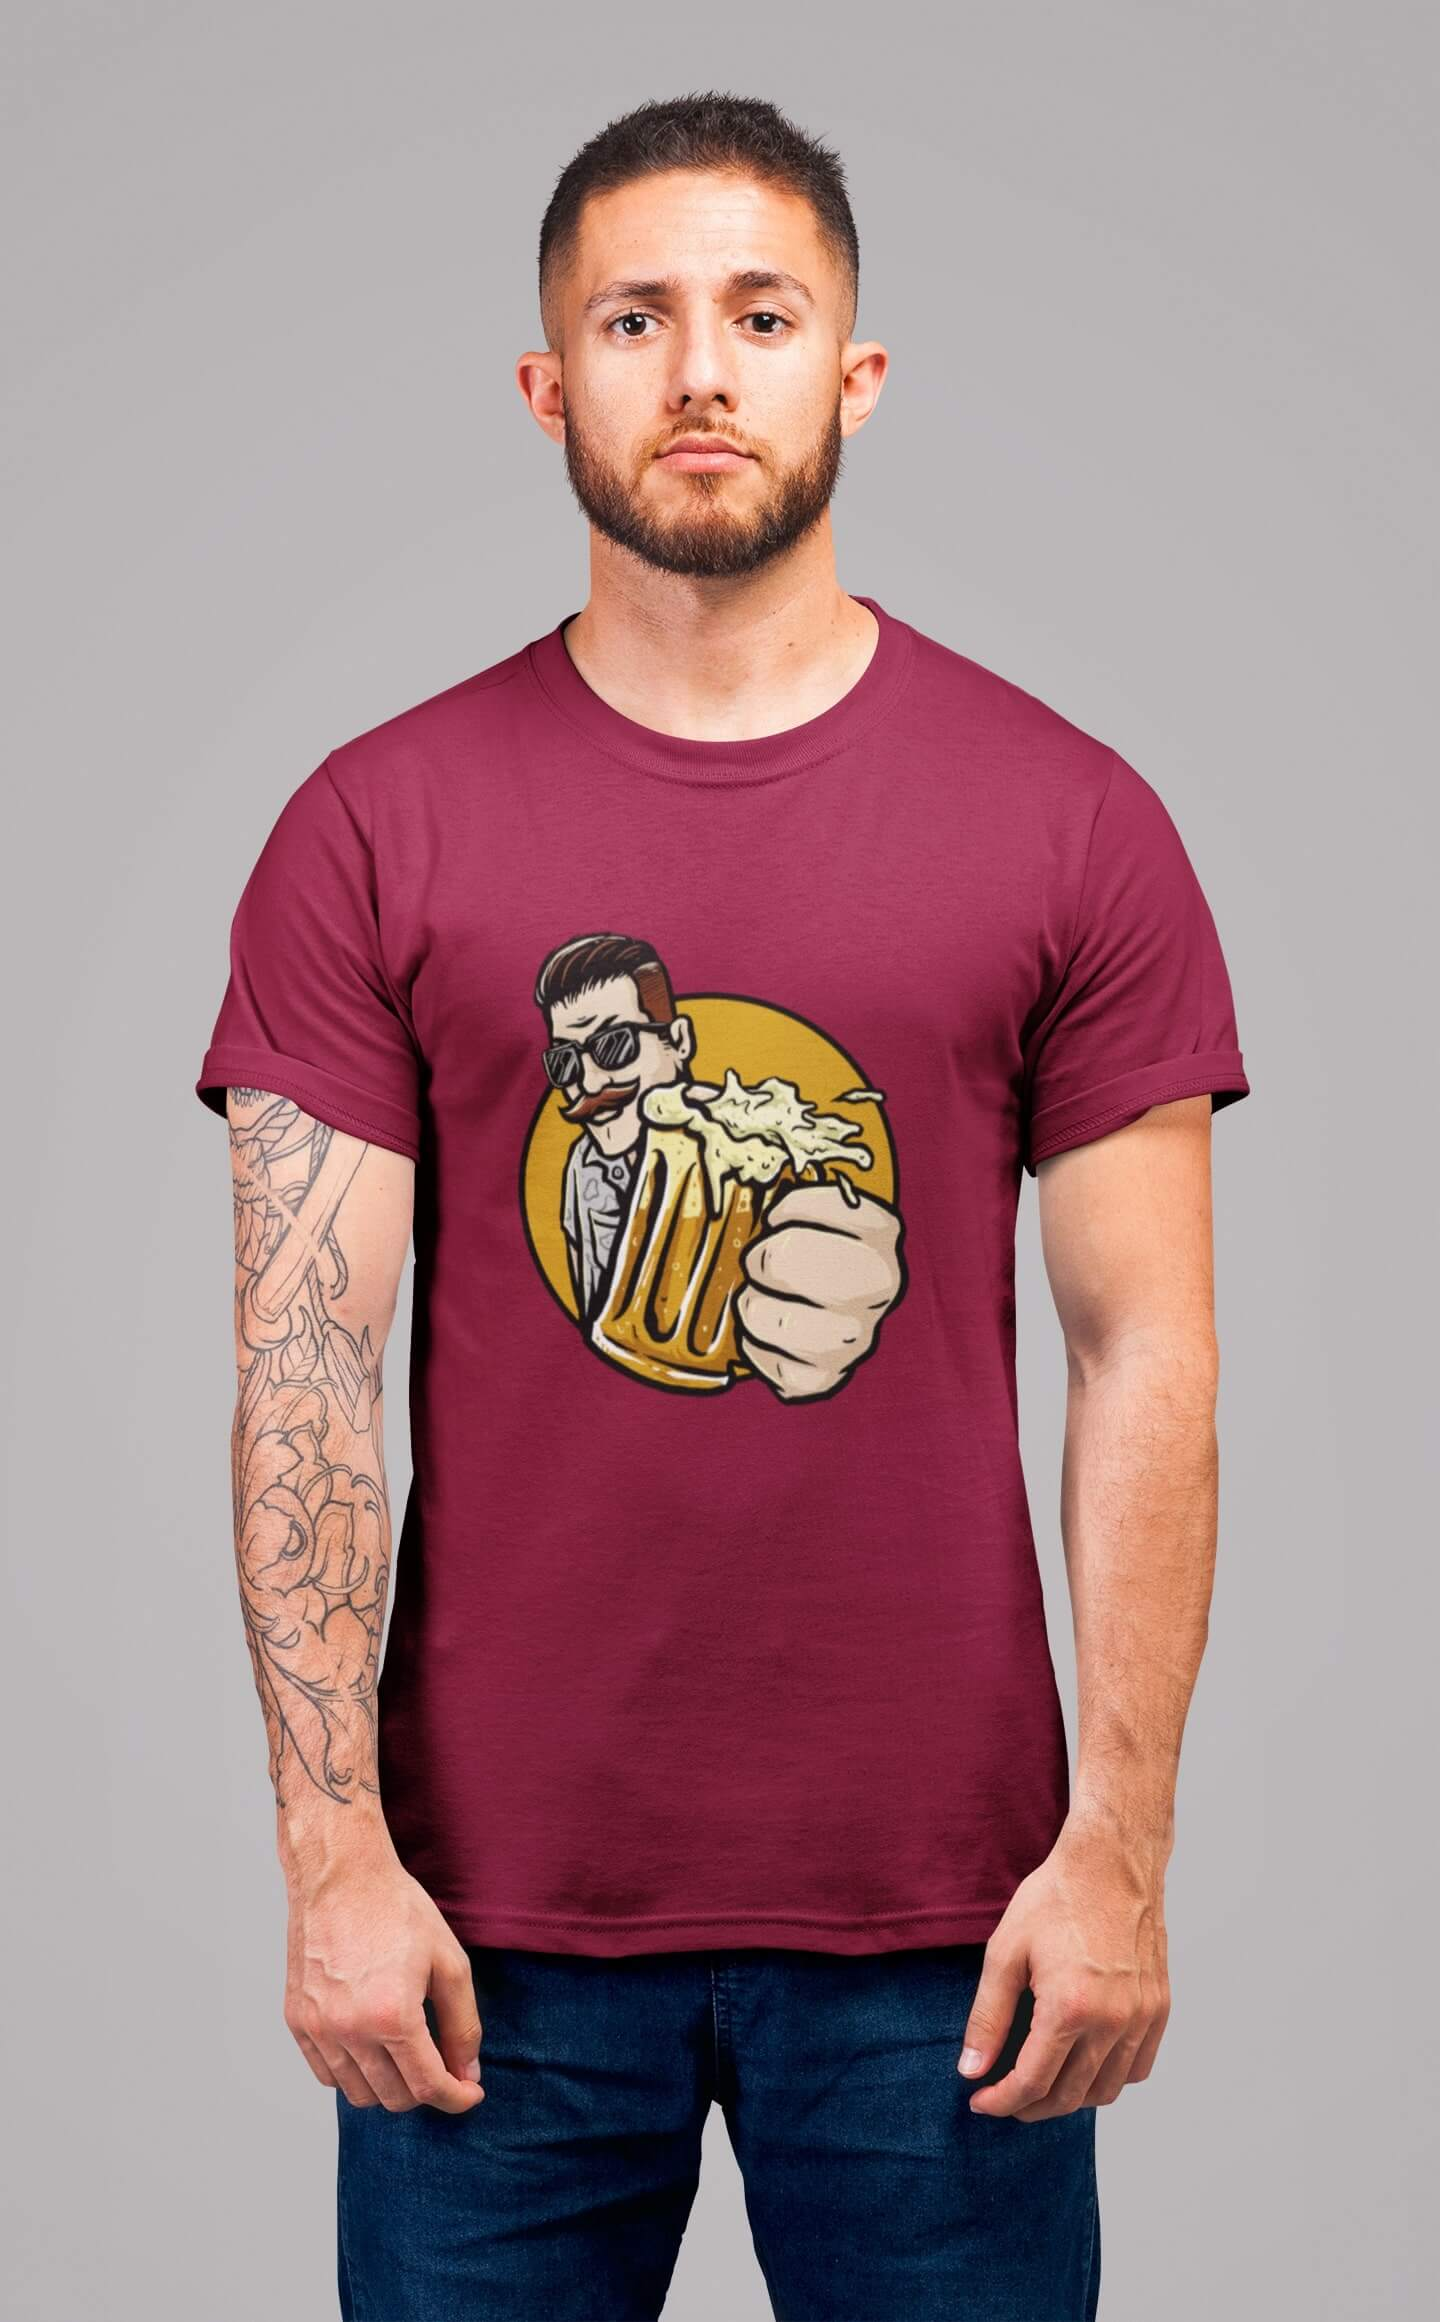 MMO Pánske tričko Chlap s pivom v ruke Vyberte farbu: Marlboro červená, Vyberte veľkosť: S